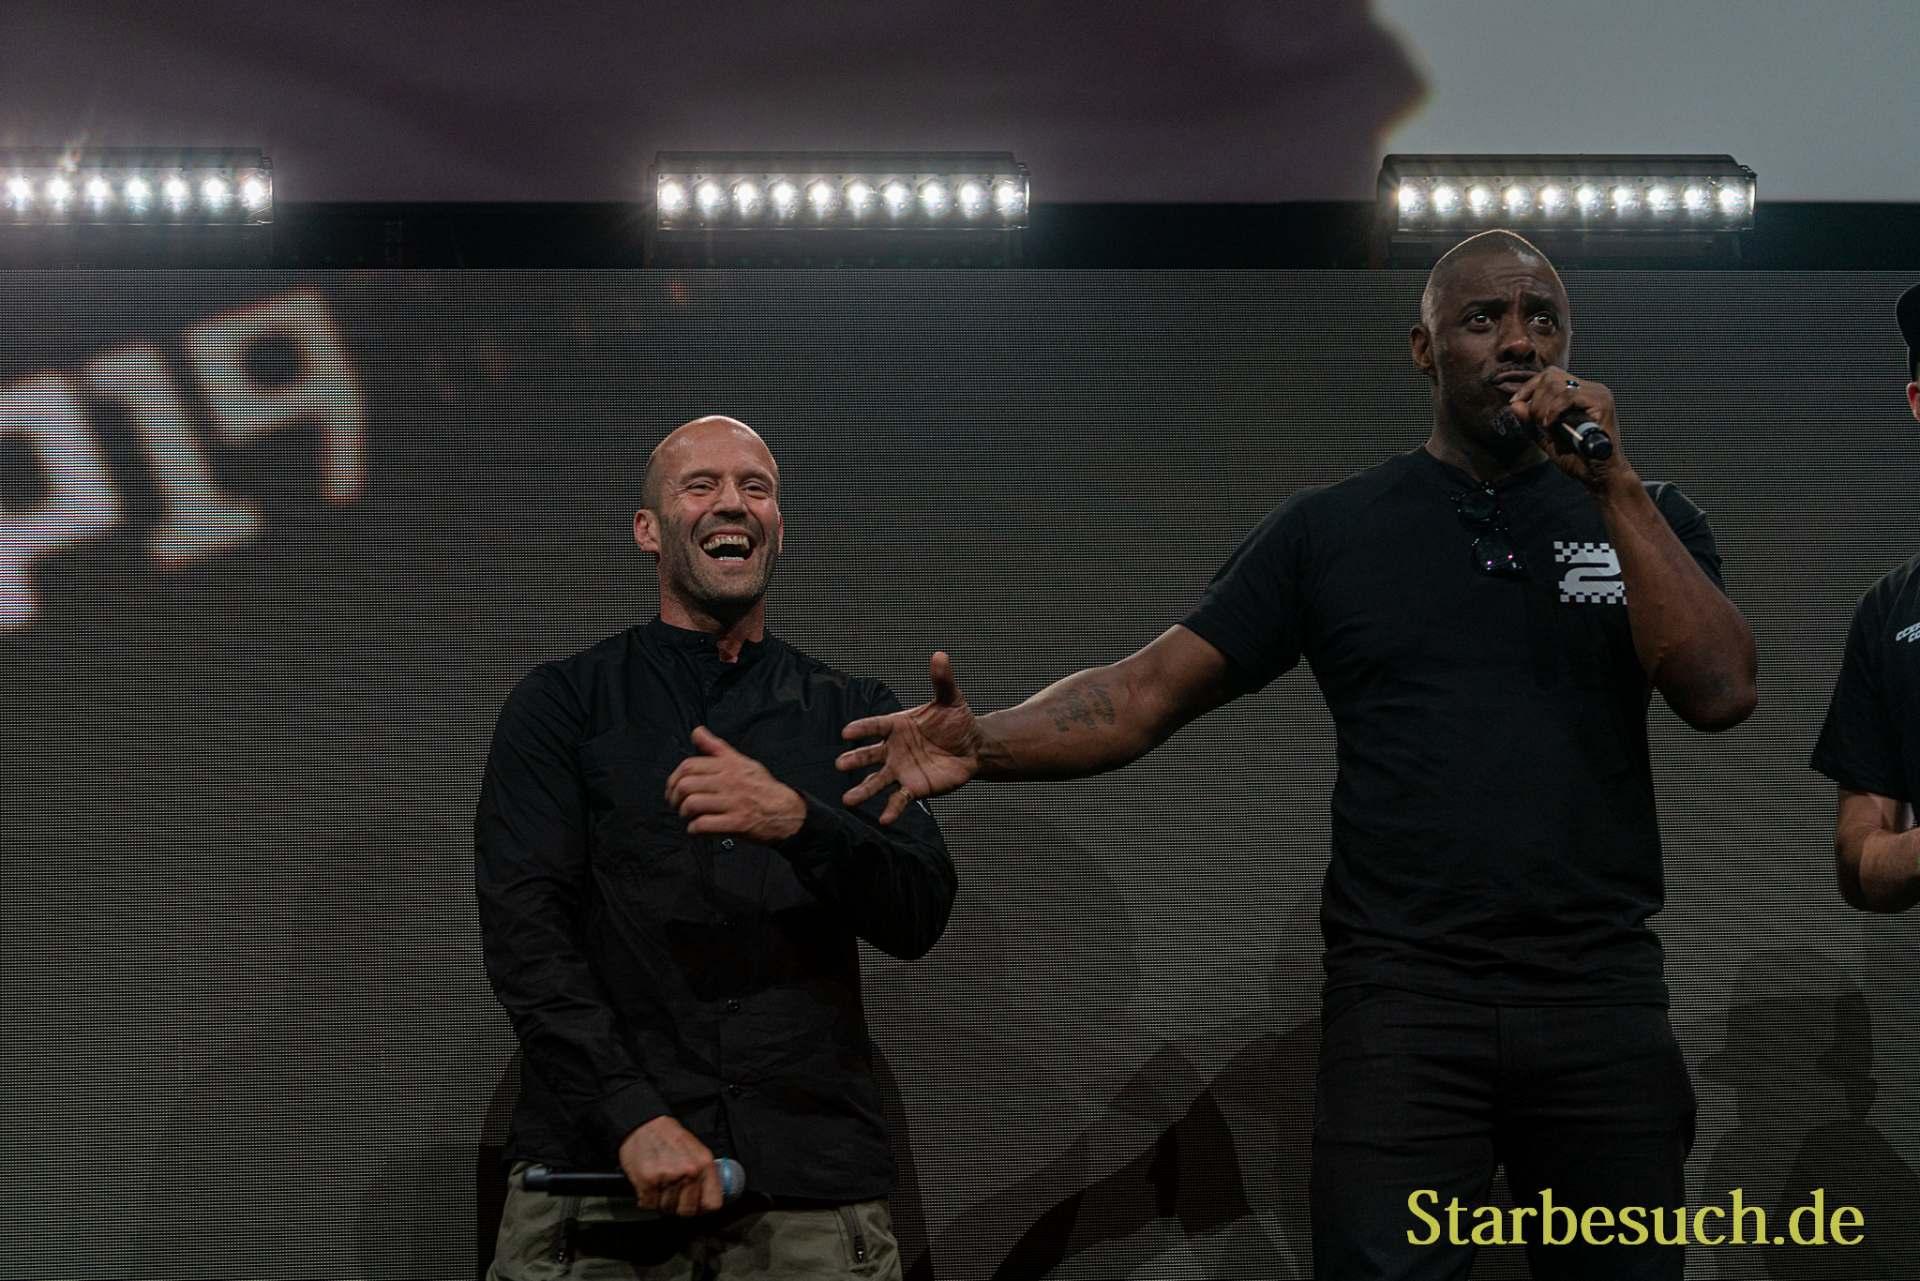 COLOGNE, GERMANY - JUN 28th 2019: Idris Elba and Jason Statham at CCXP Cologne